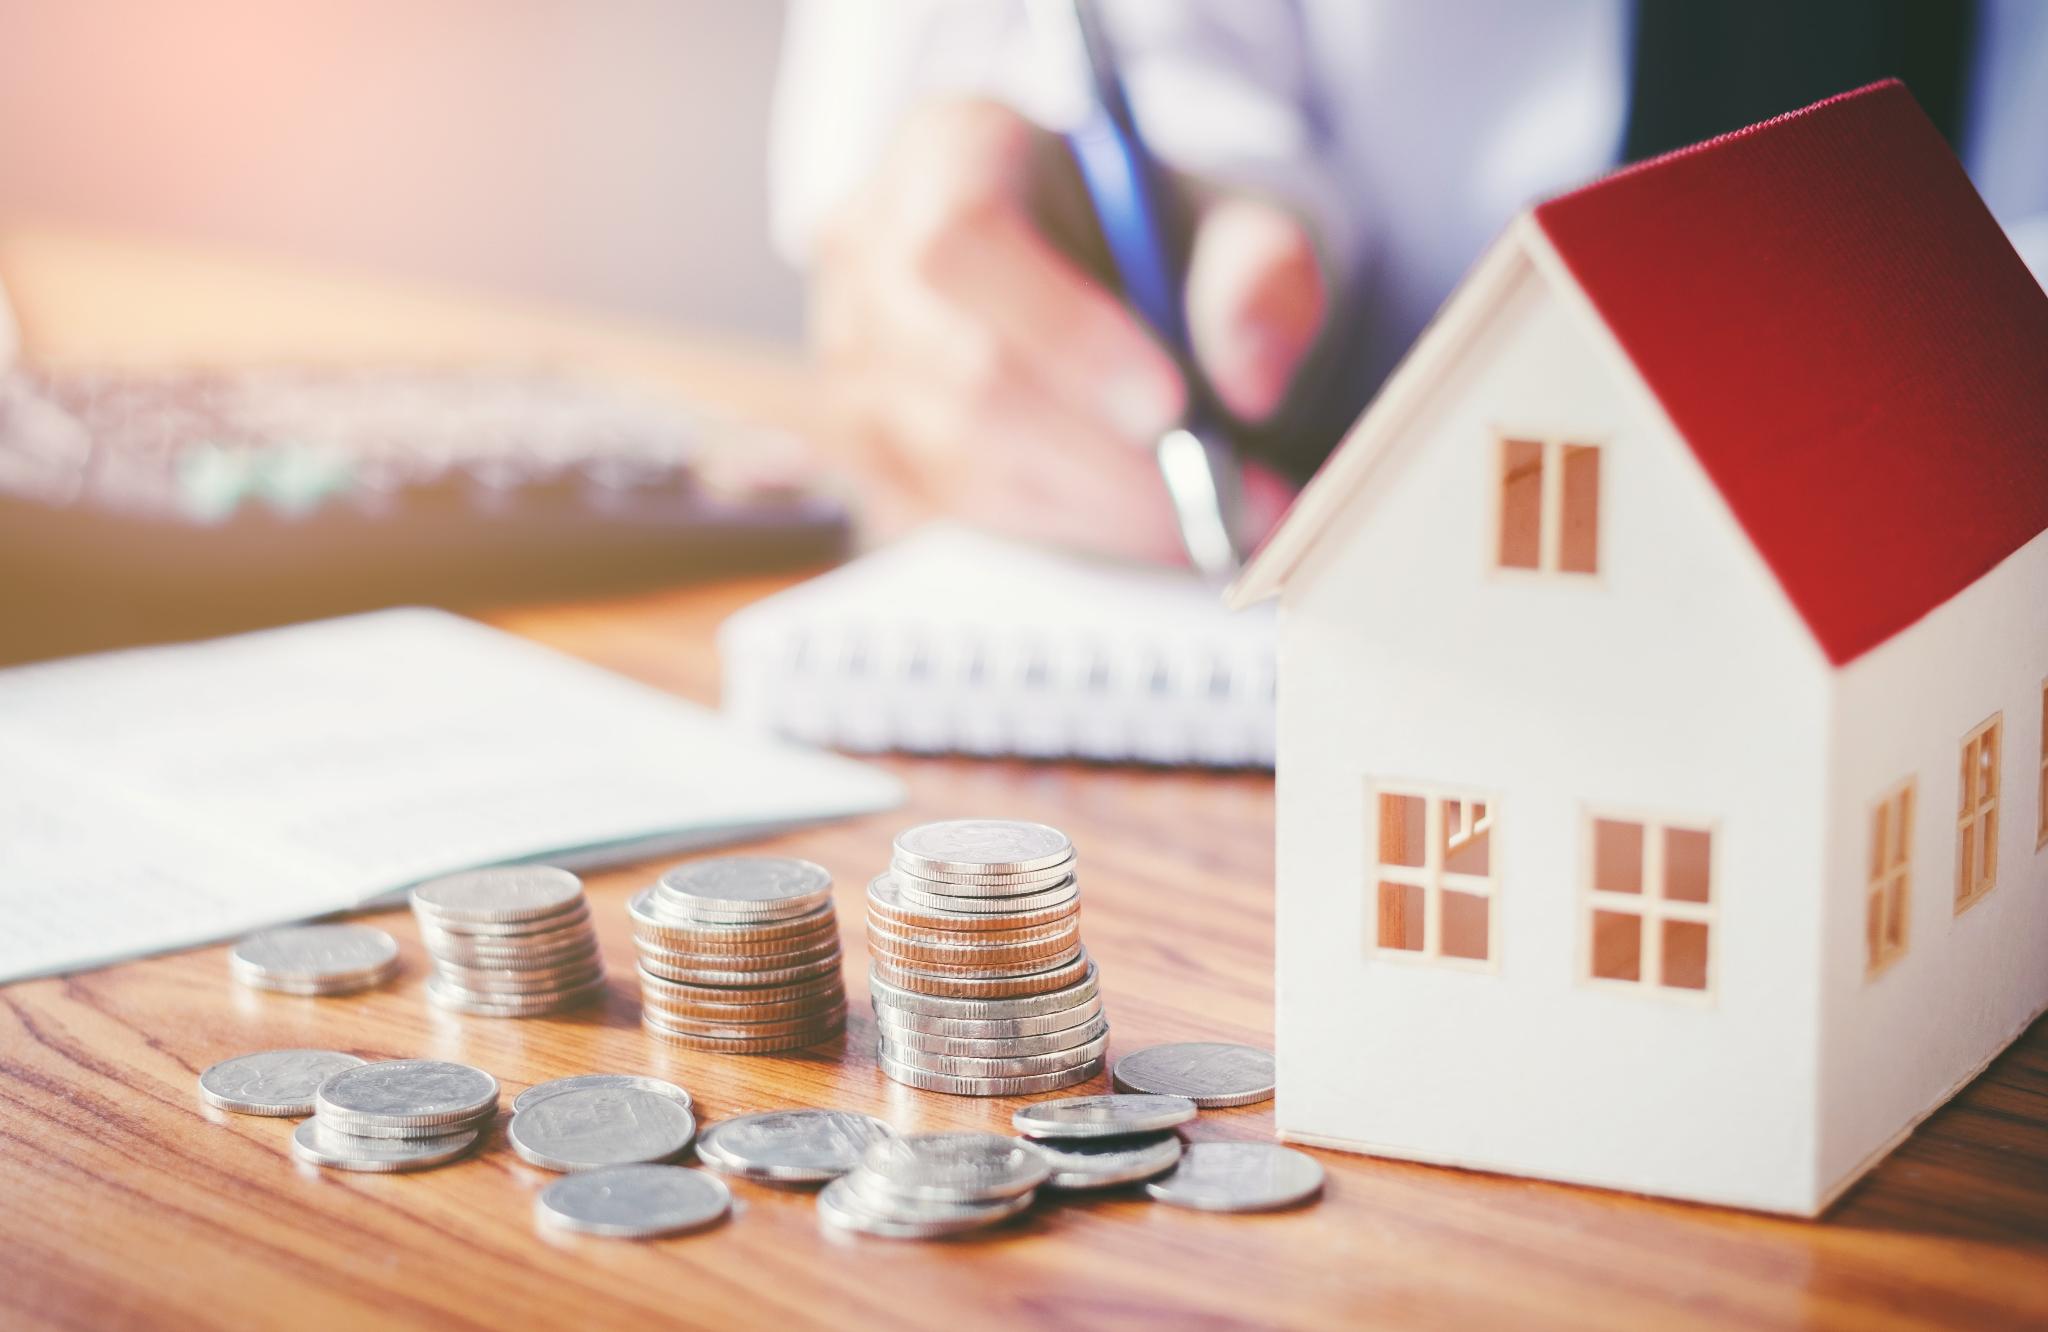 Đặc điểm và lợi ích của gửi tiết kiệm hàng tháng